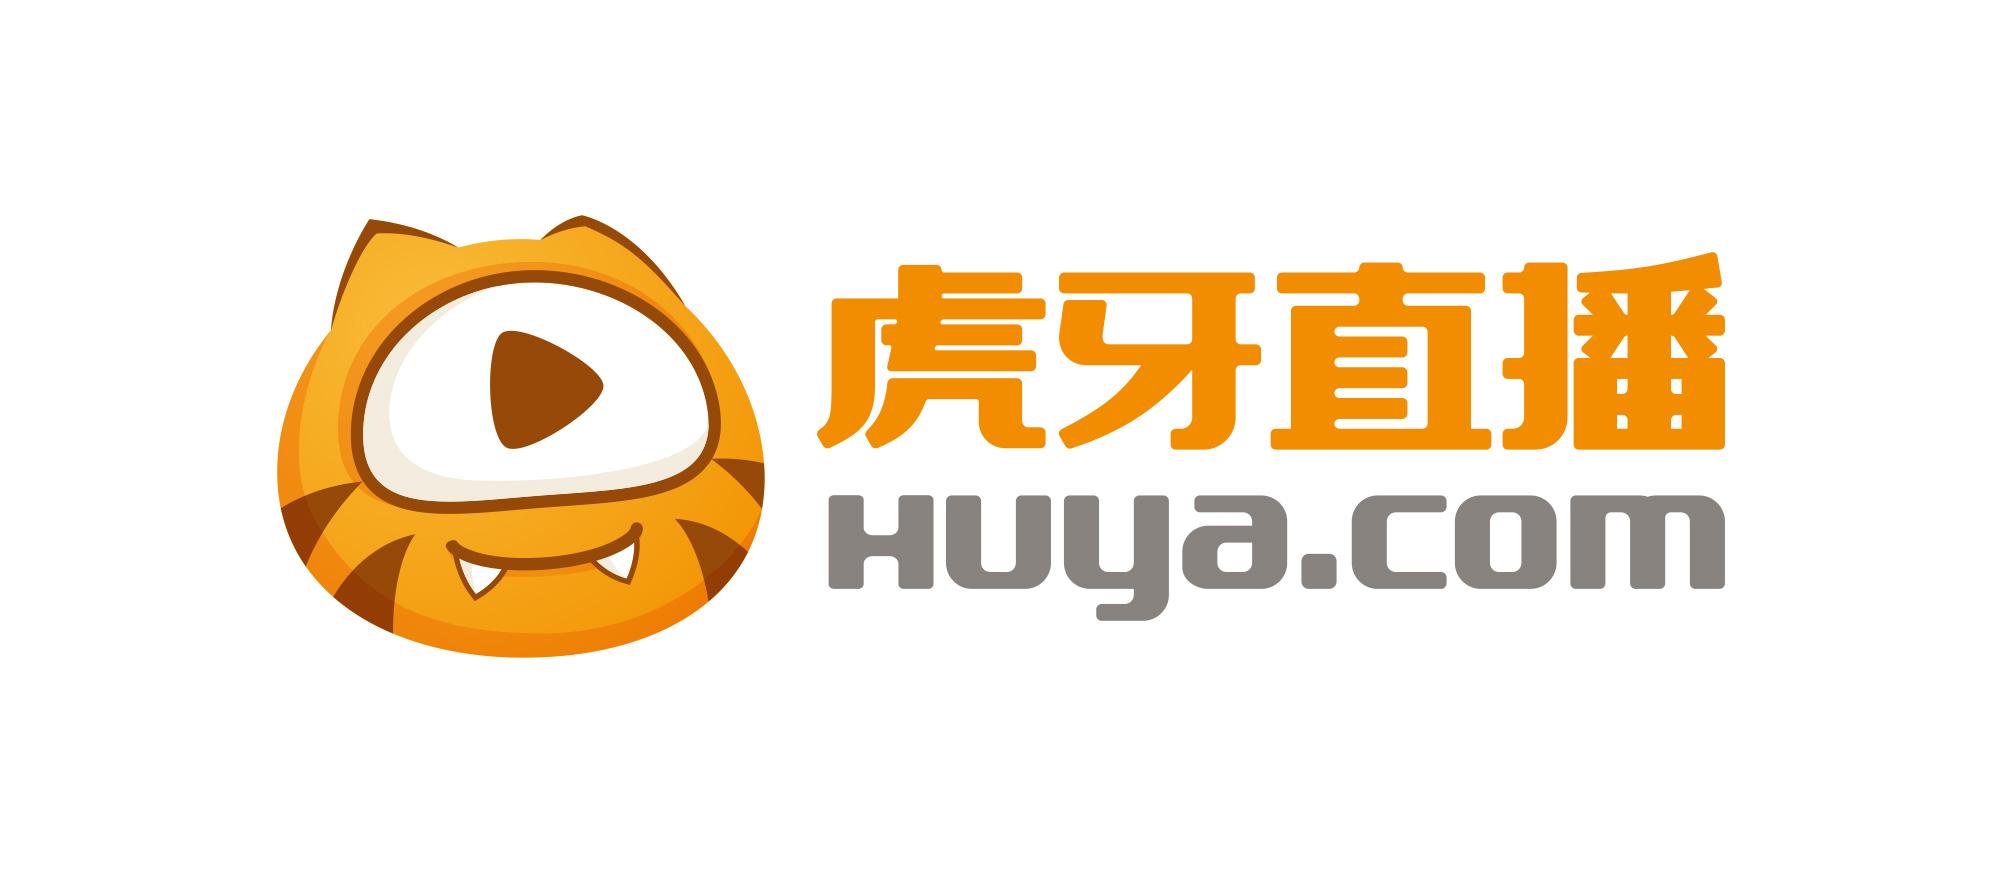 logo logo 标志 设计 矢量 矢量图 素材 图标 2003_875